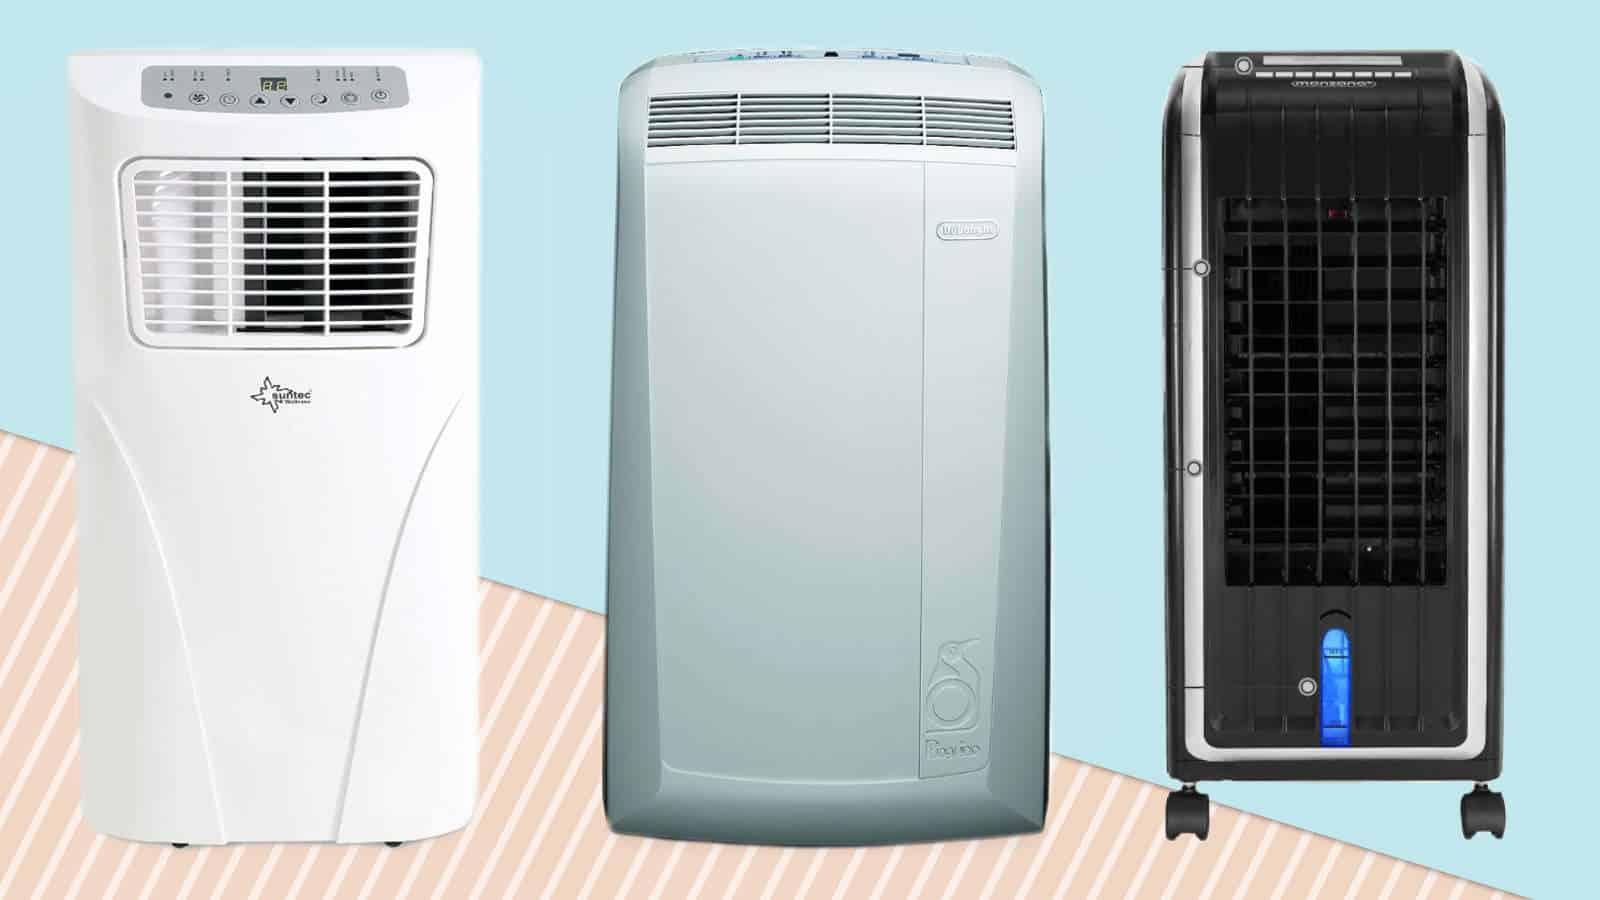 Klimaanlage für Schlafzimmer: 15 beste Klimaanlagen im Vergleich